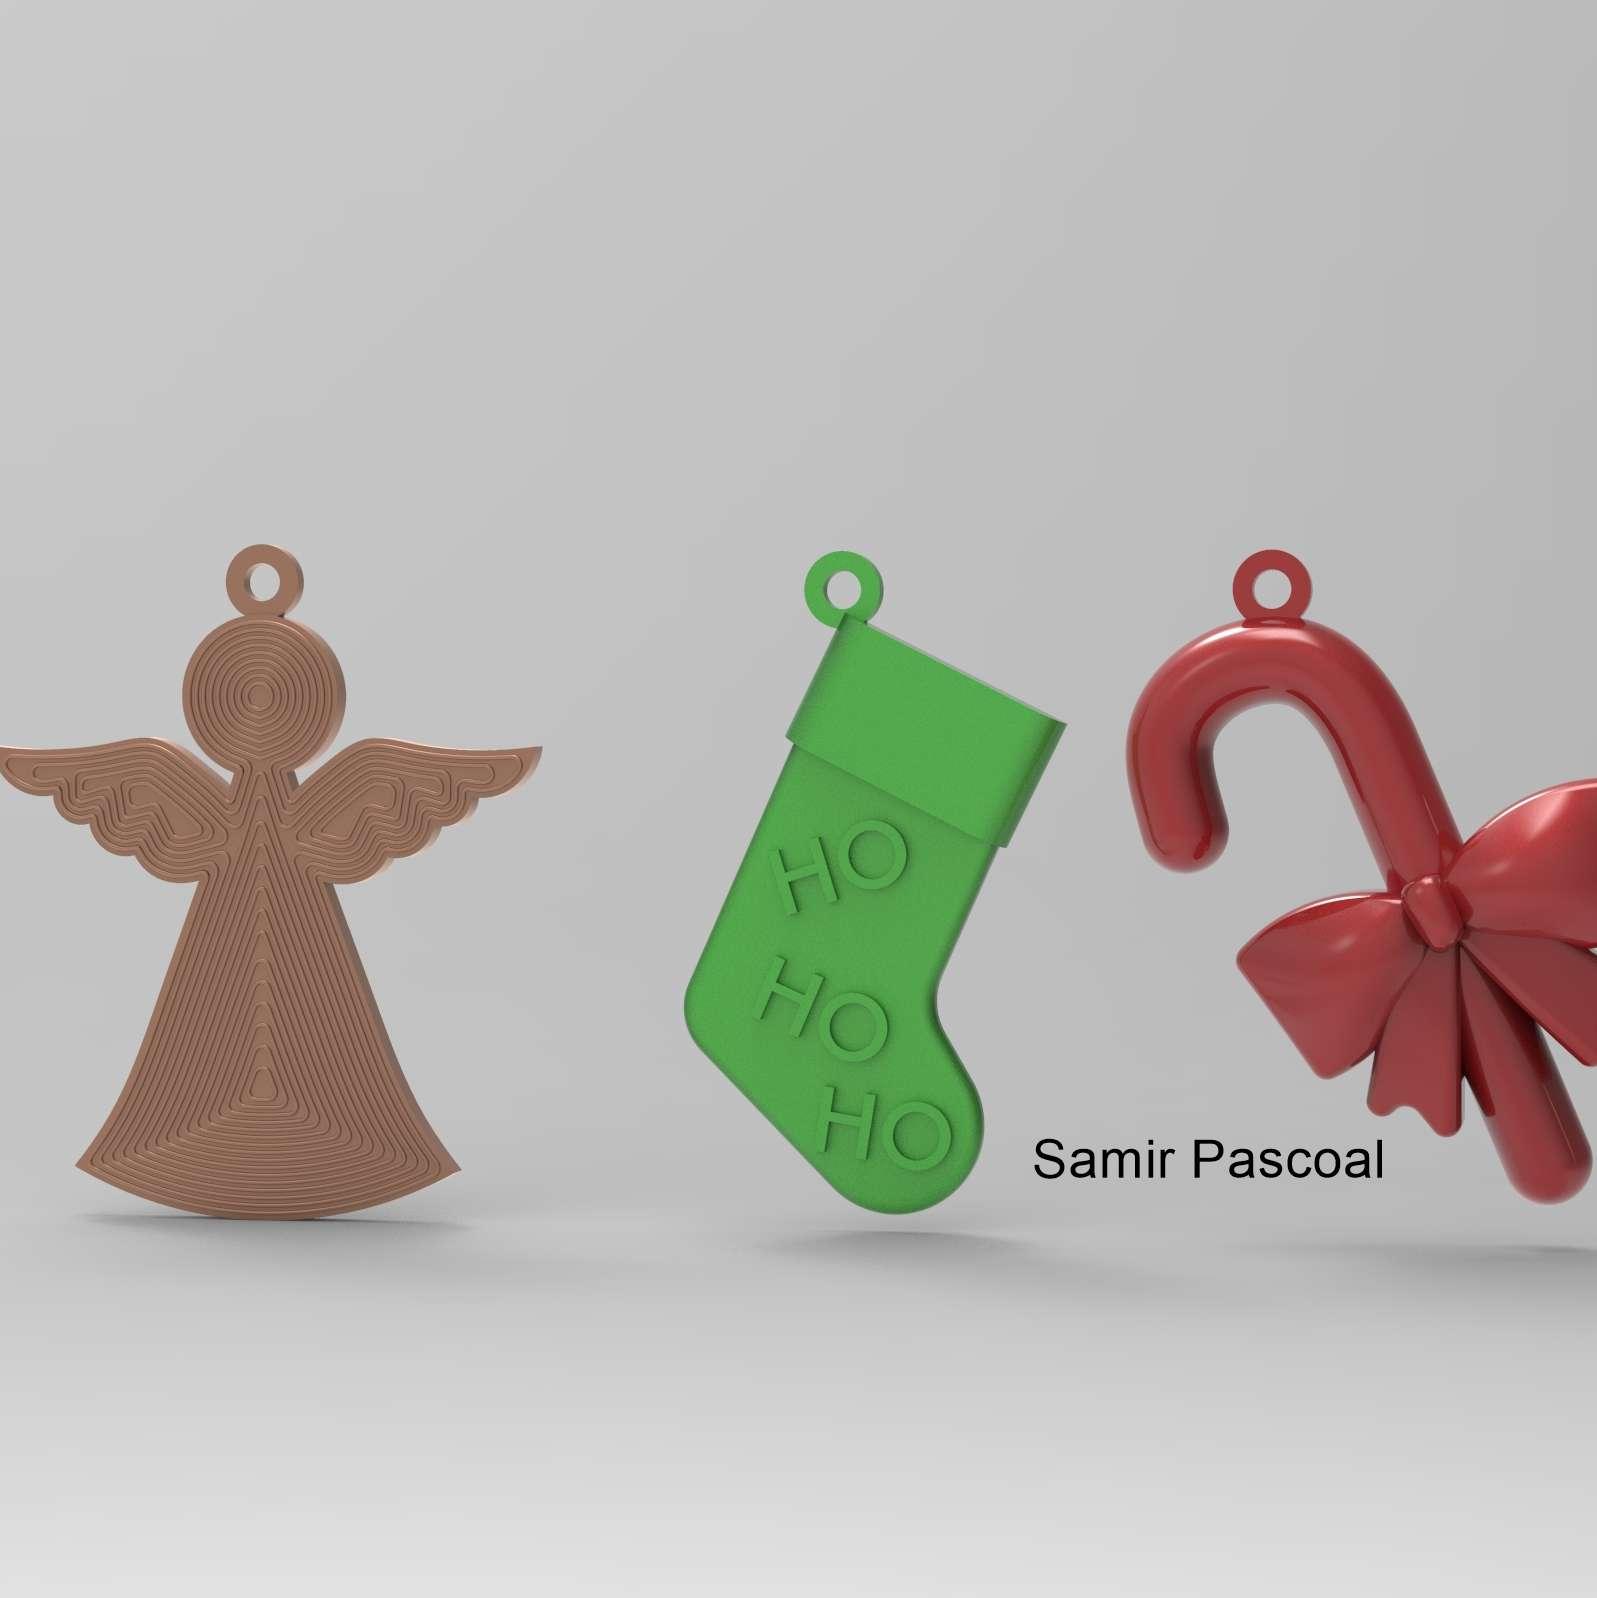 Decoração árvore natal - 4 modelos de enfeites de natal, todos impressos no plano sem suporte - Os melhores arquivos para impressão 3D do mundo. Modelos stl divididos em partes para facilitar a impressão 3D. Todos os tipos de personagens, decoração, cosplay, próteses, peças. Qualidade na impressão 3D. Modelos 3D com preço acessível. Baixo custo. Compras coletivas de arquivos 3D.